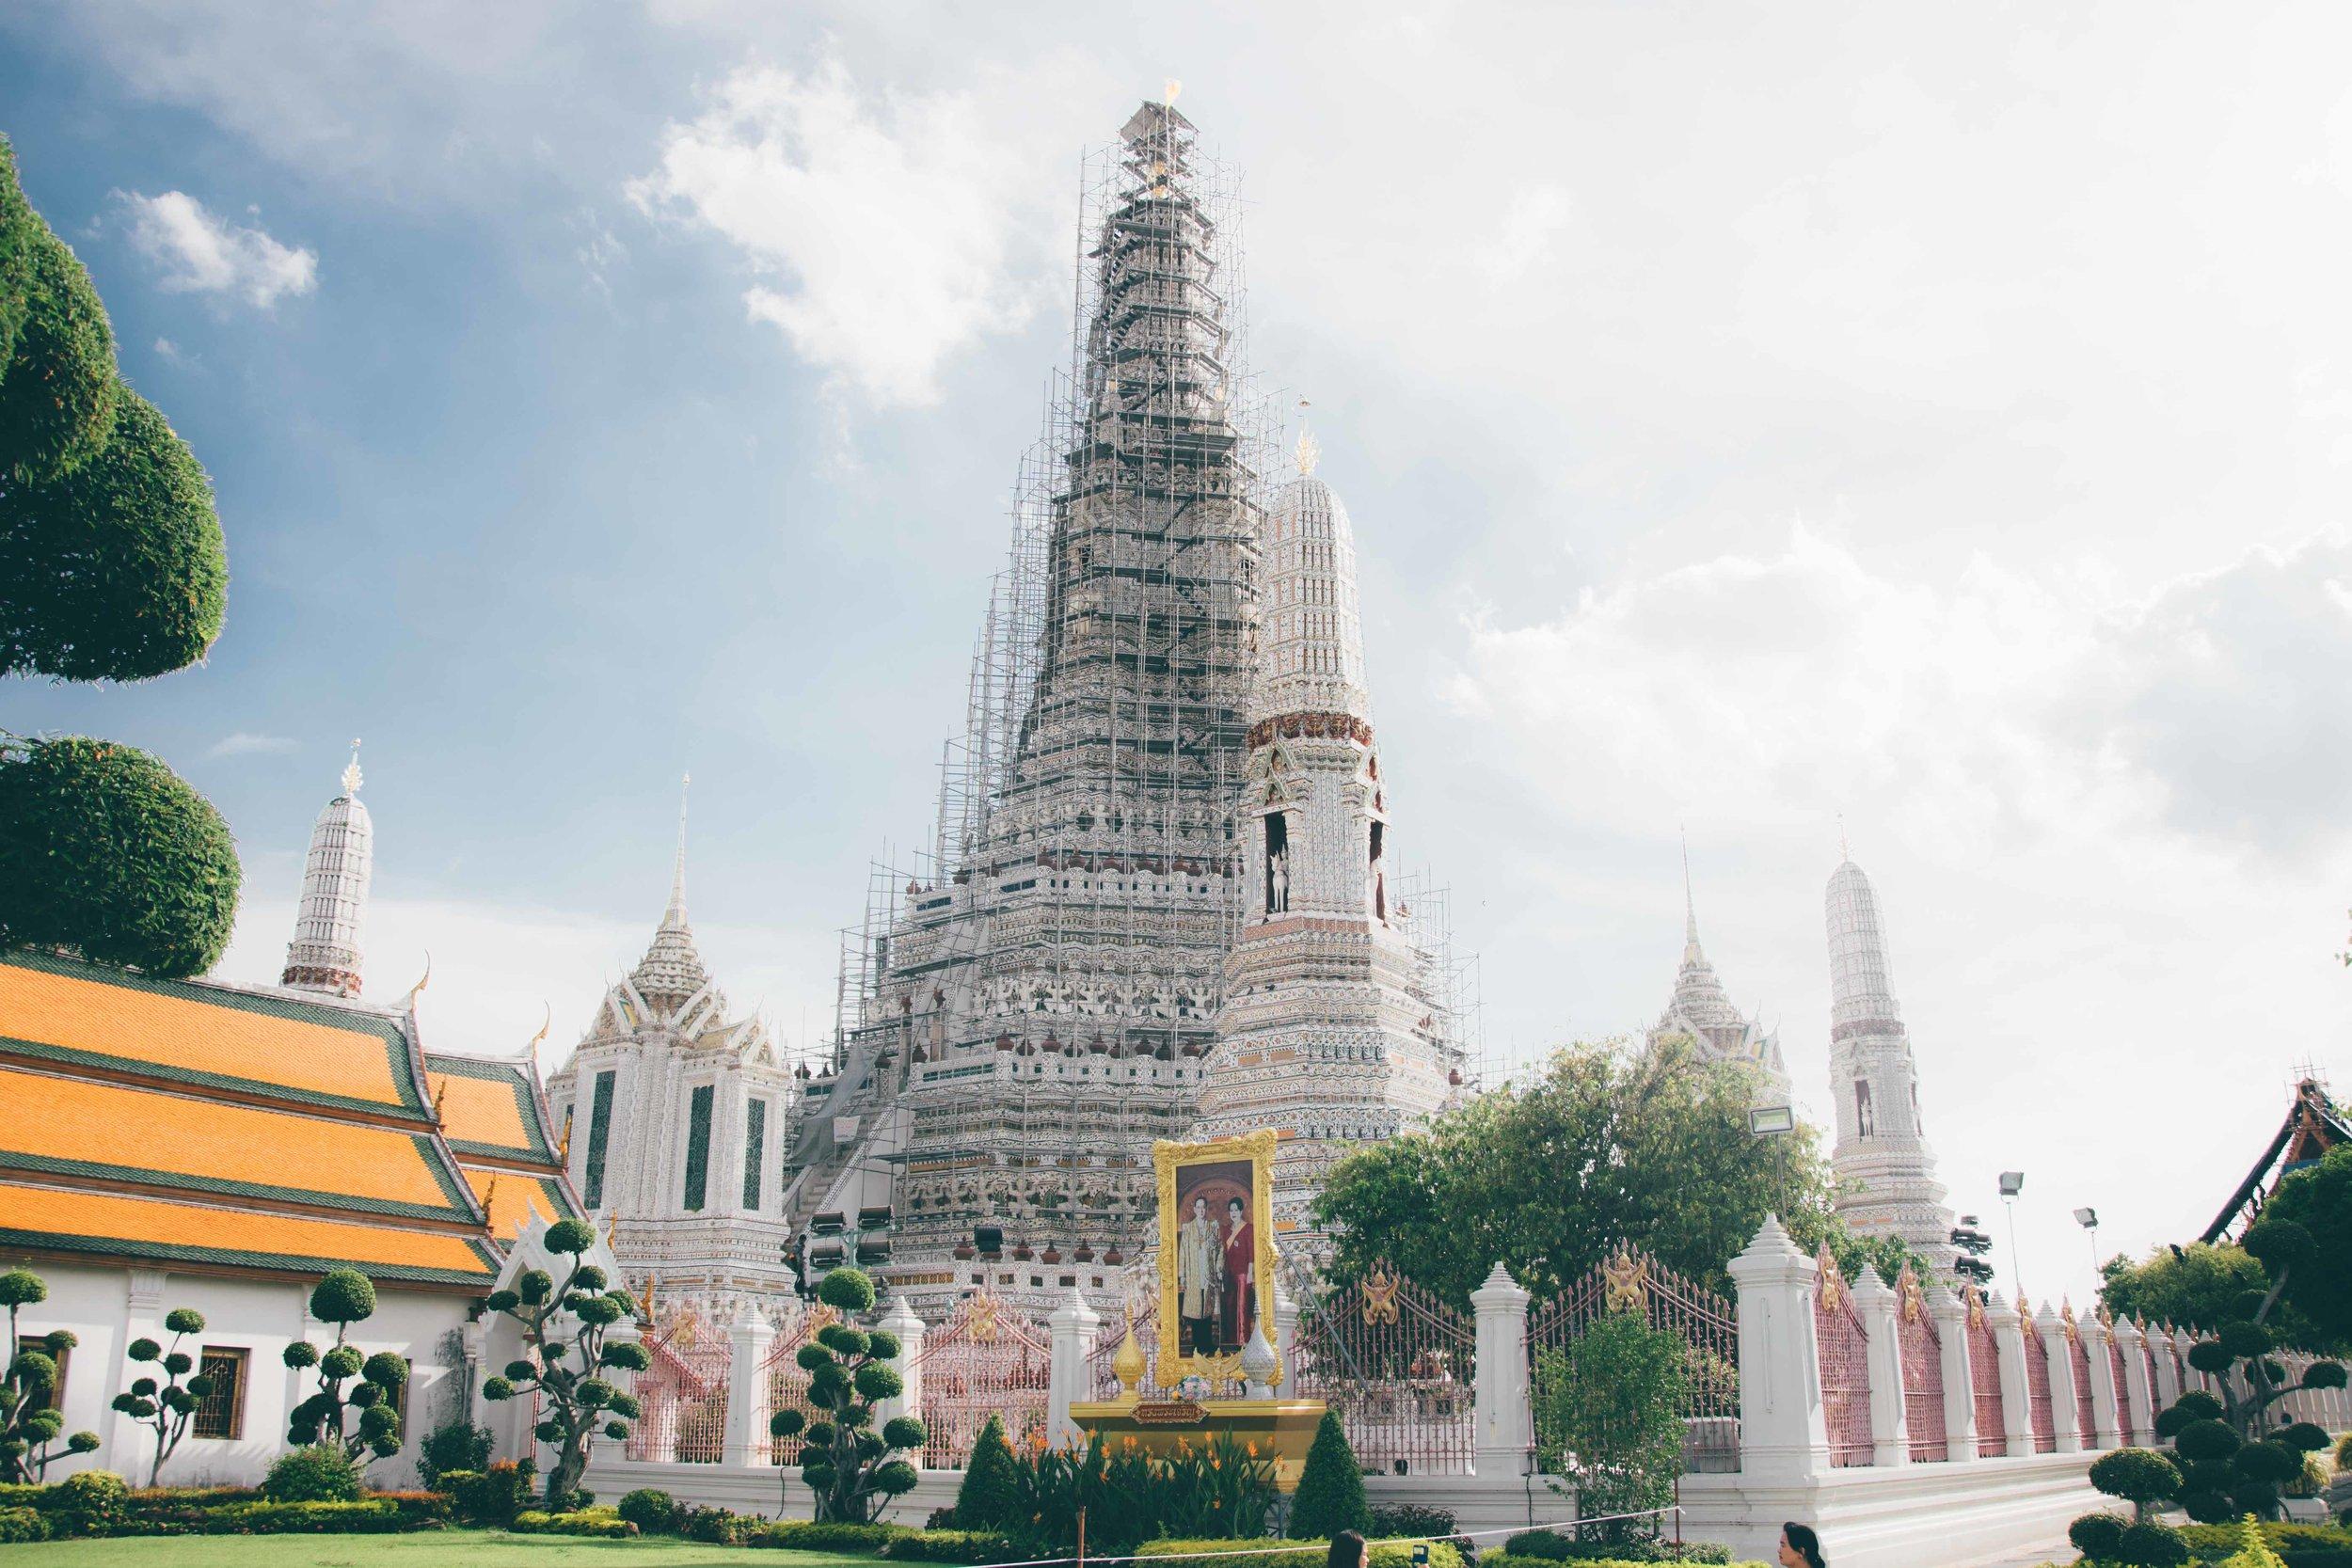 Wat_Arun_Bangkok_Thailand_2016_A_Beautiful_Distraction